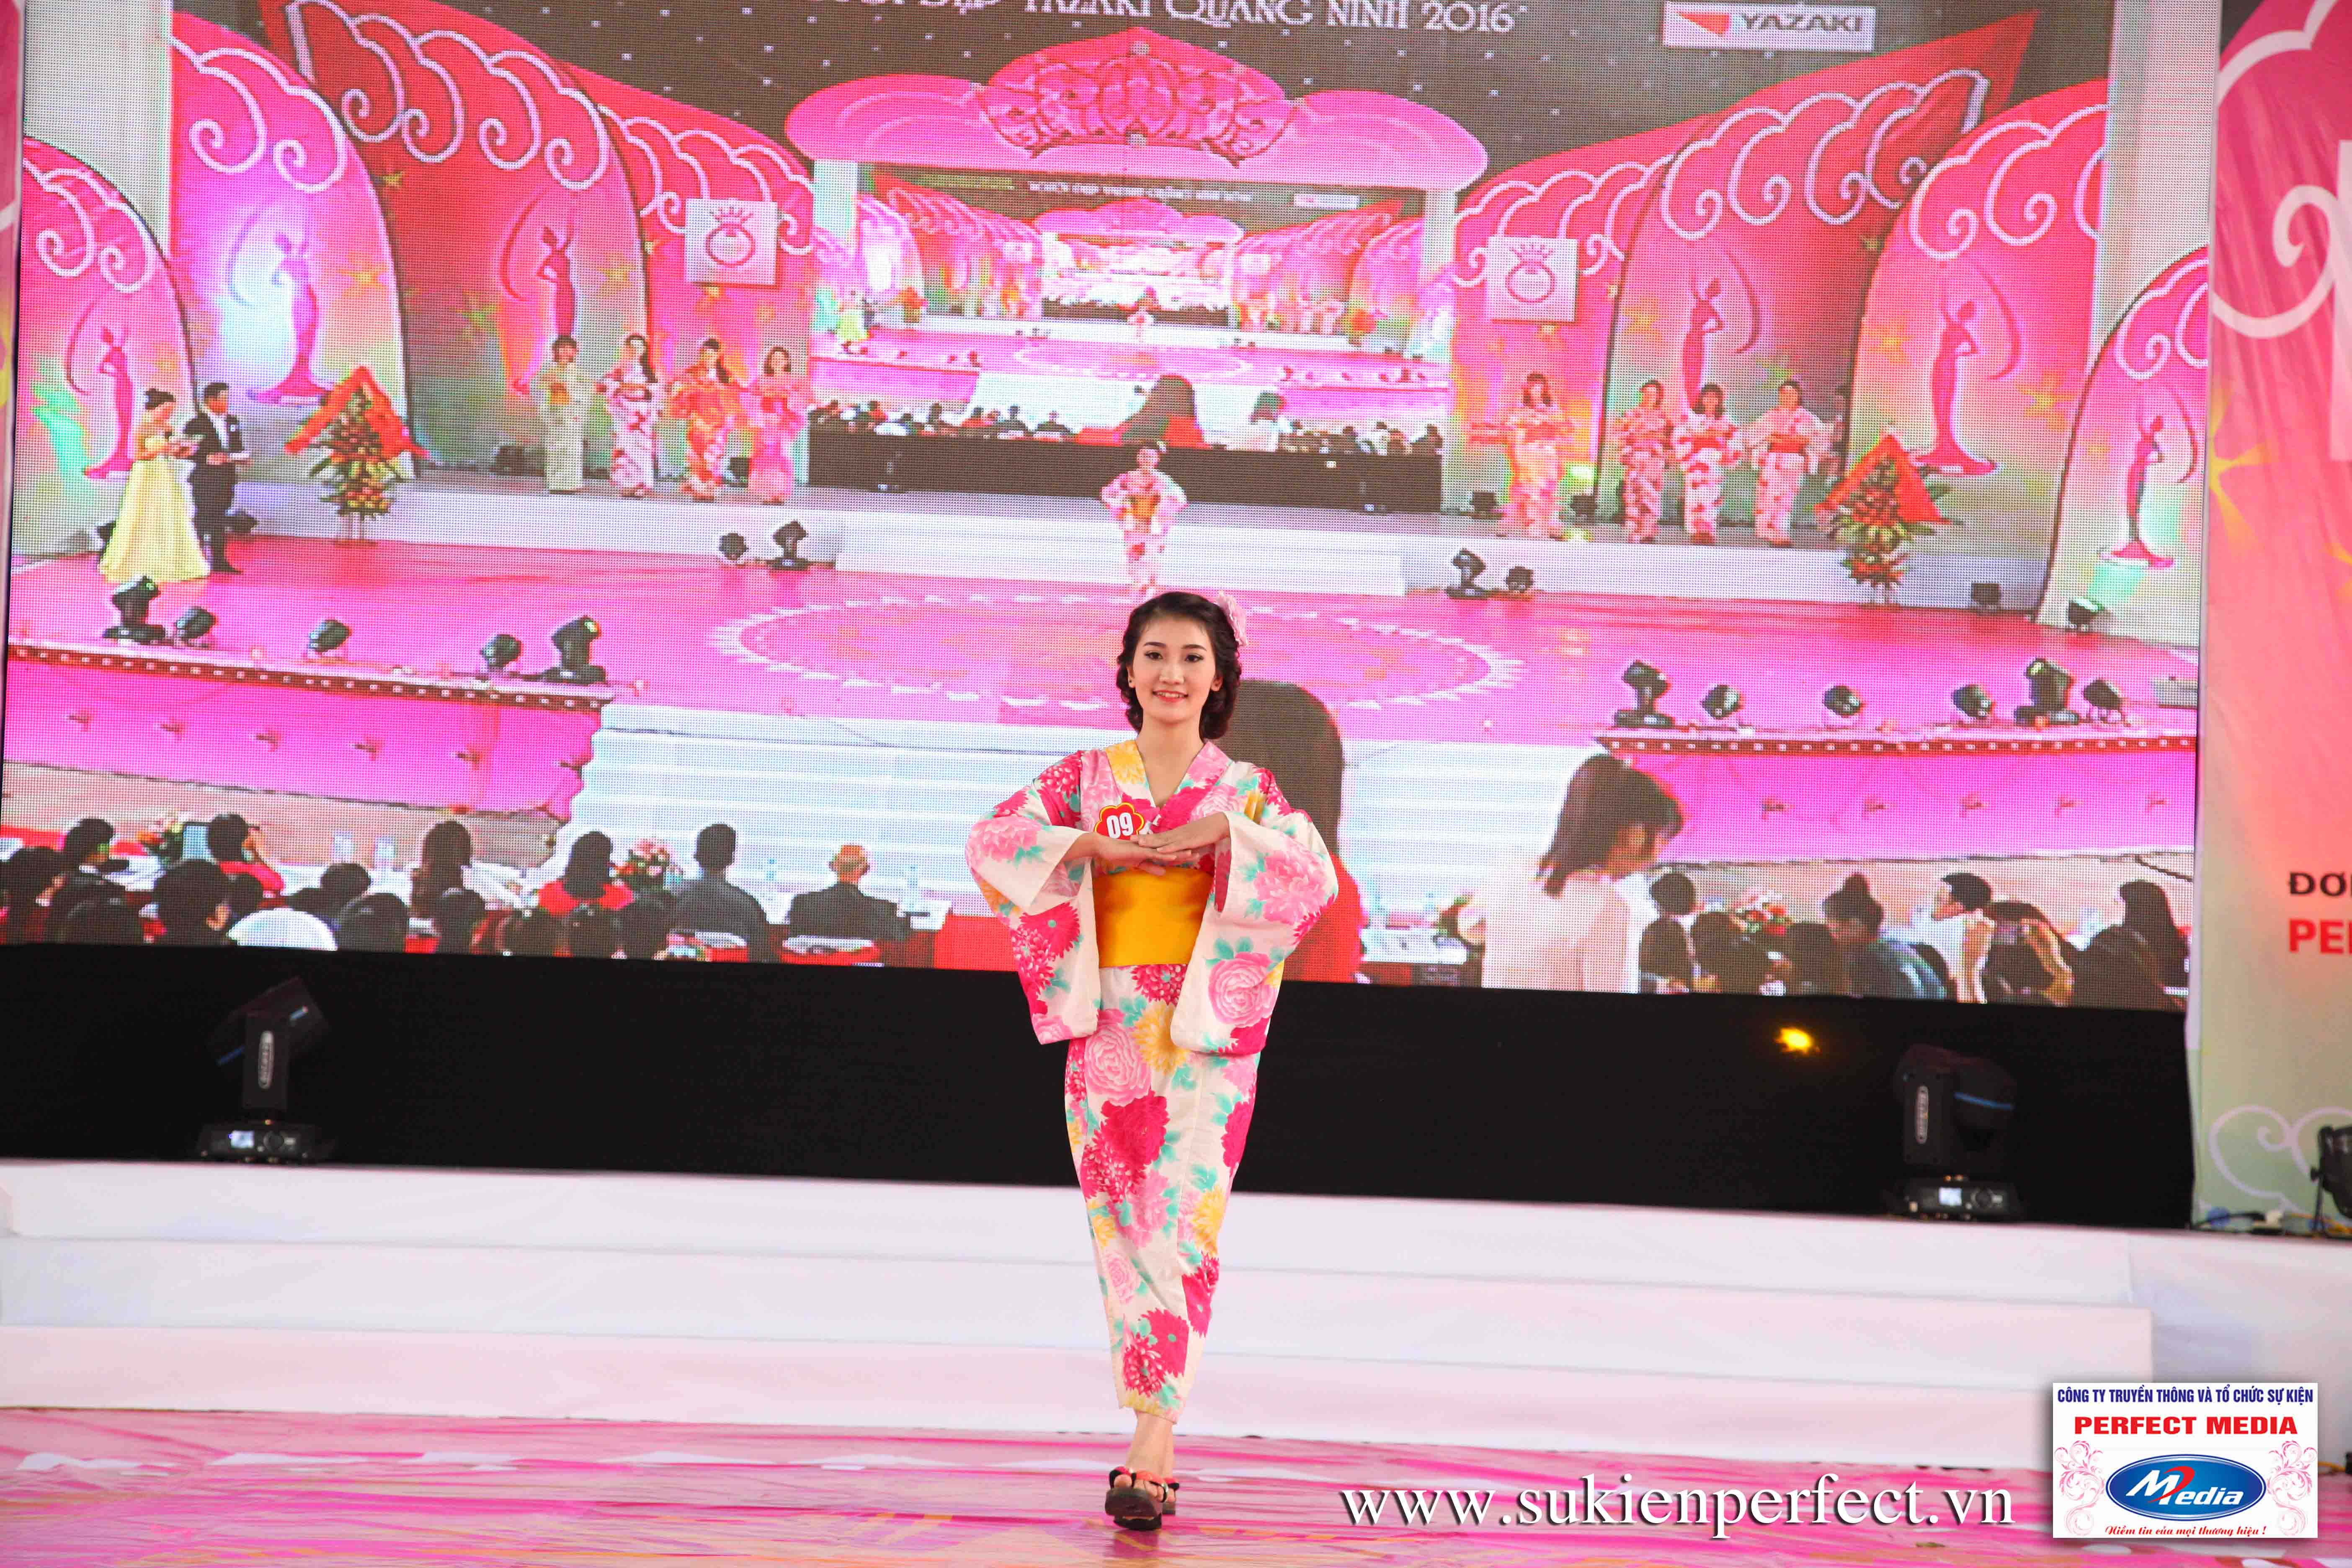 Hình ảnh các thí sinh trong trang phục Kimono - Người đẹp Yazaki Quảng Ninh 2016 - 10